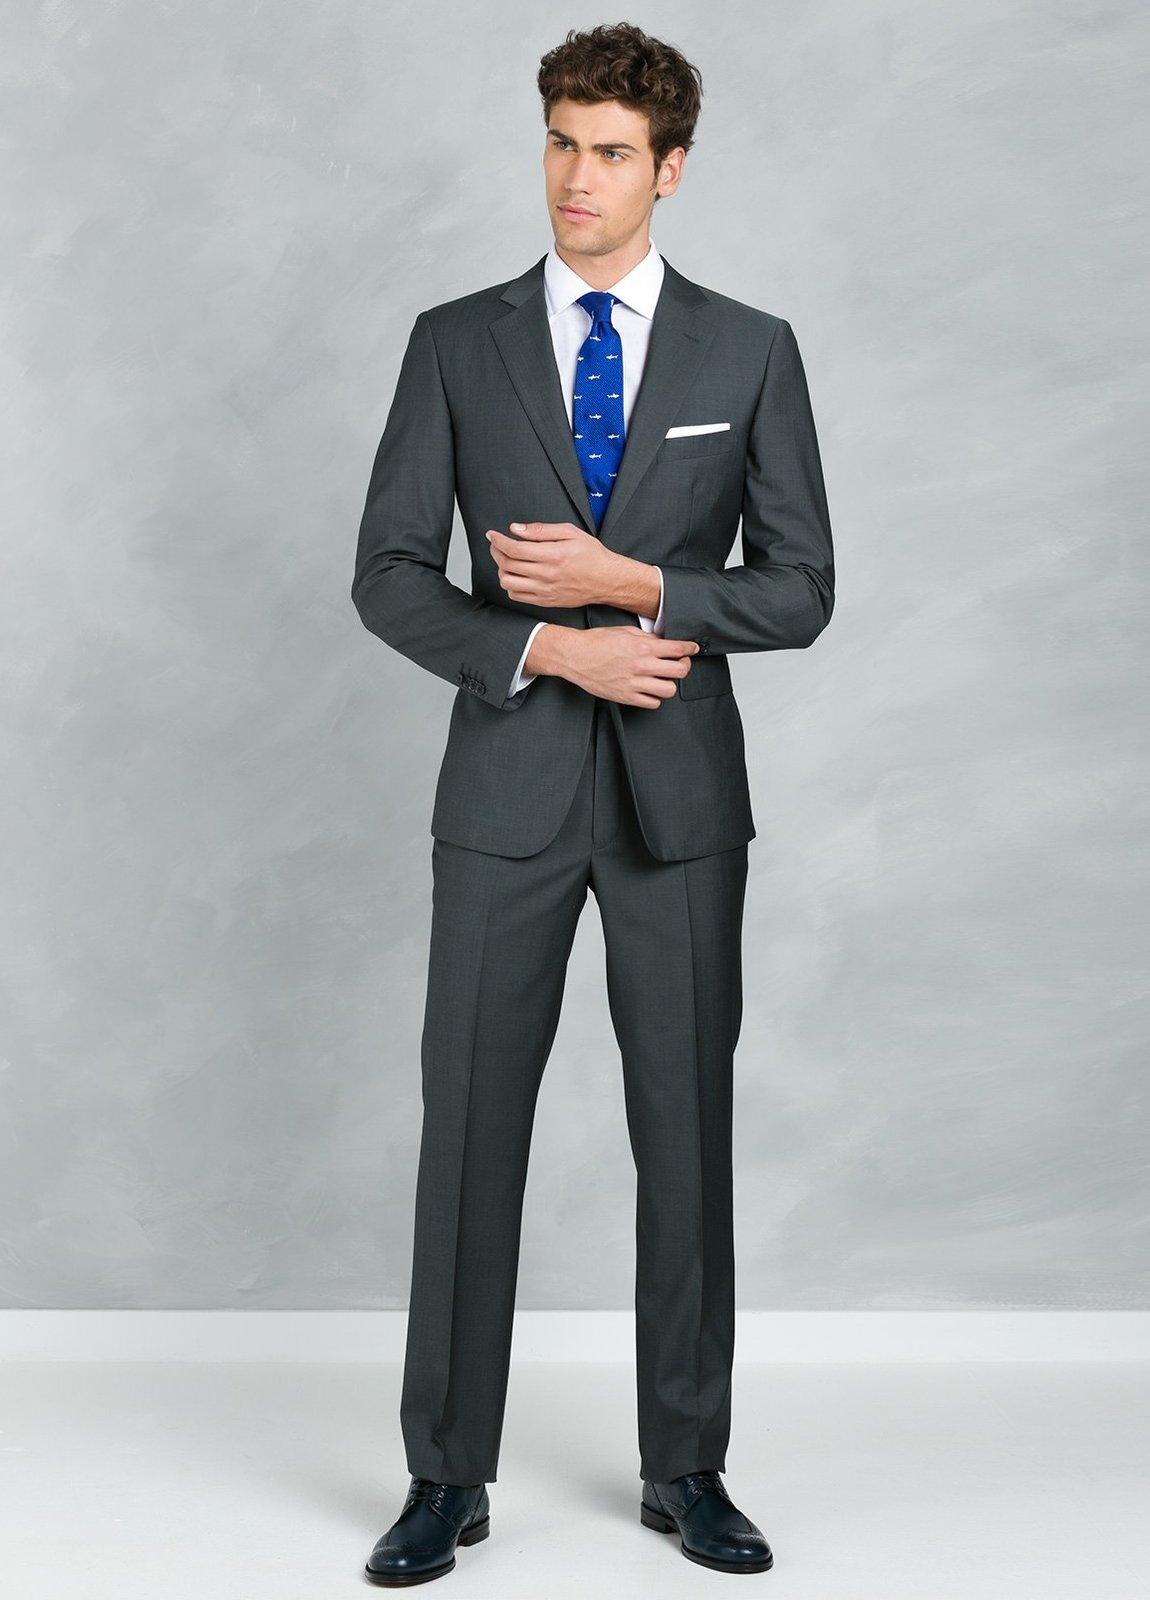 Traje liso REGULAR FIT, tejido GUABELLO, color gris, 100% Lana fría.